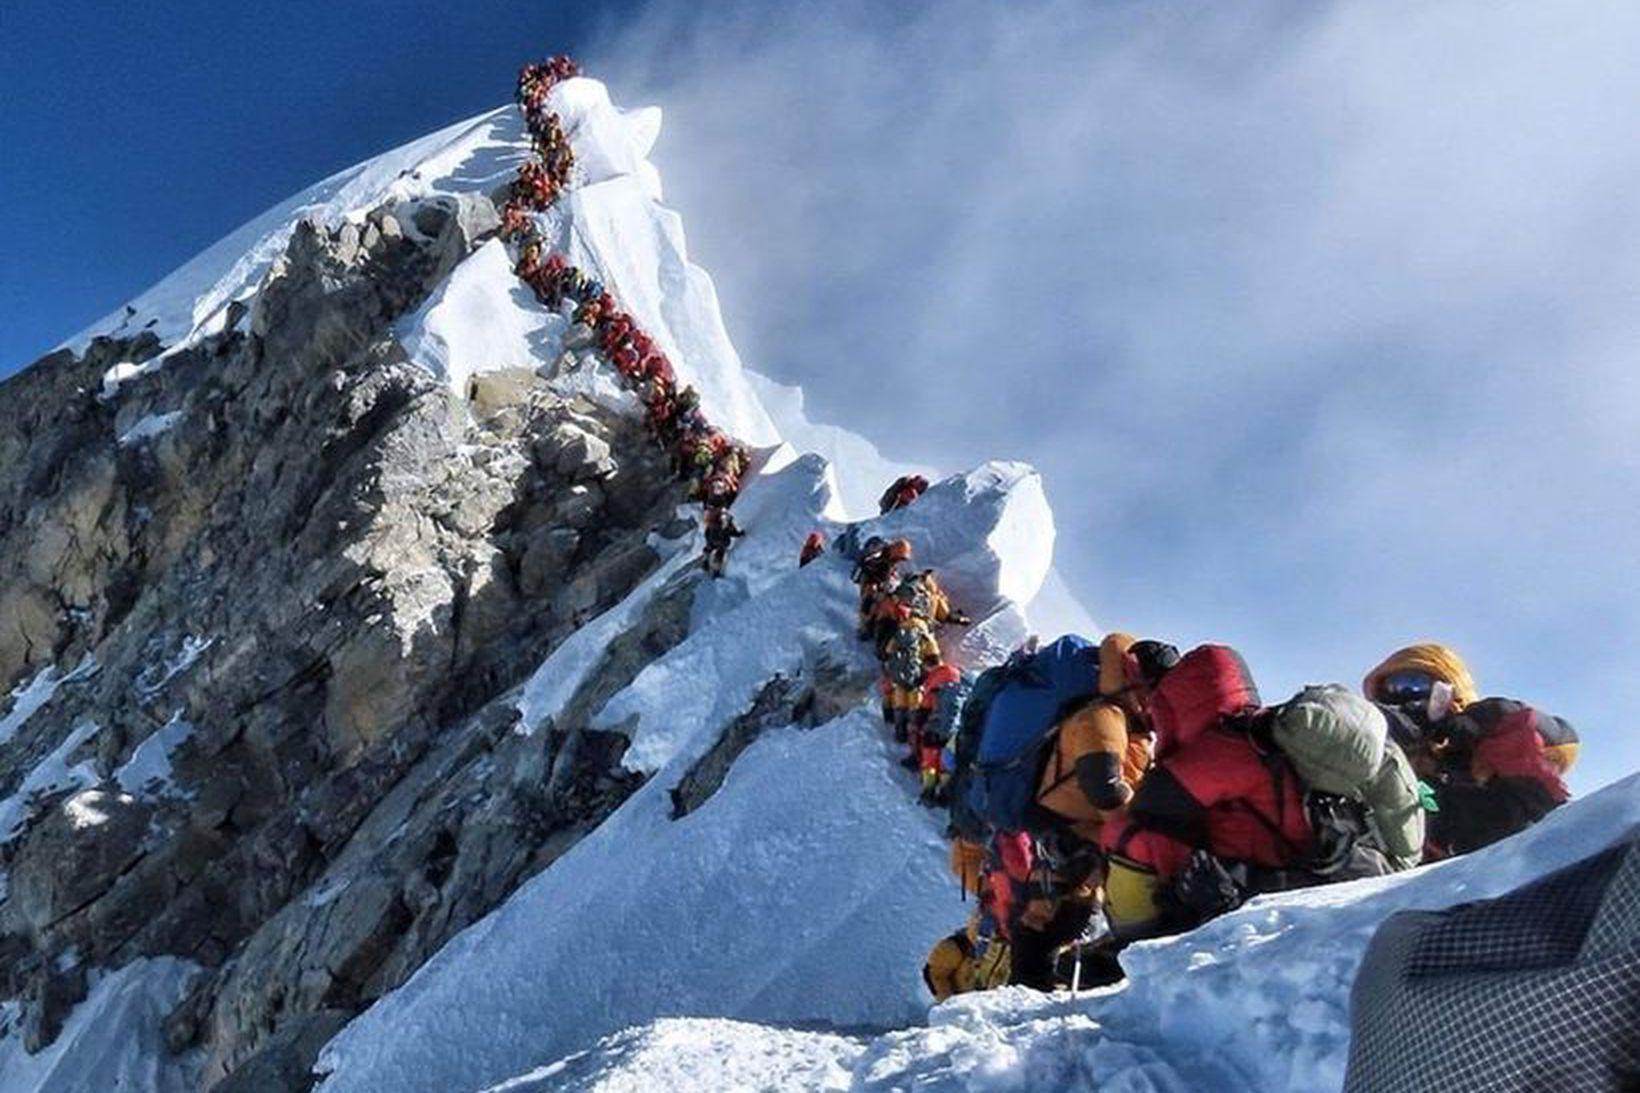 Mikill fjöldi fjallgöngufólks reynir að ná á tind Everest þessa …